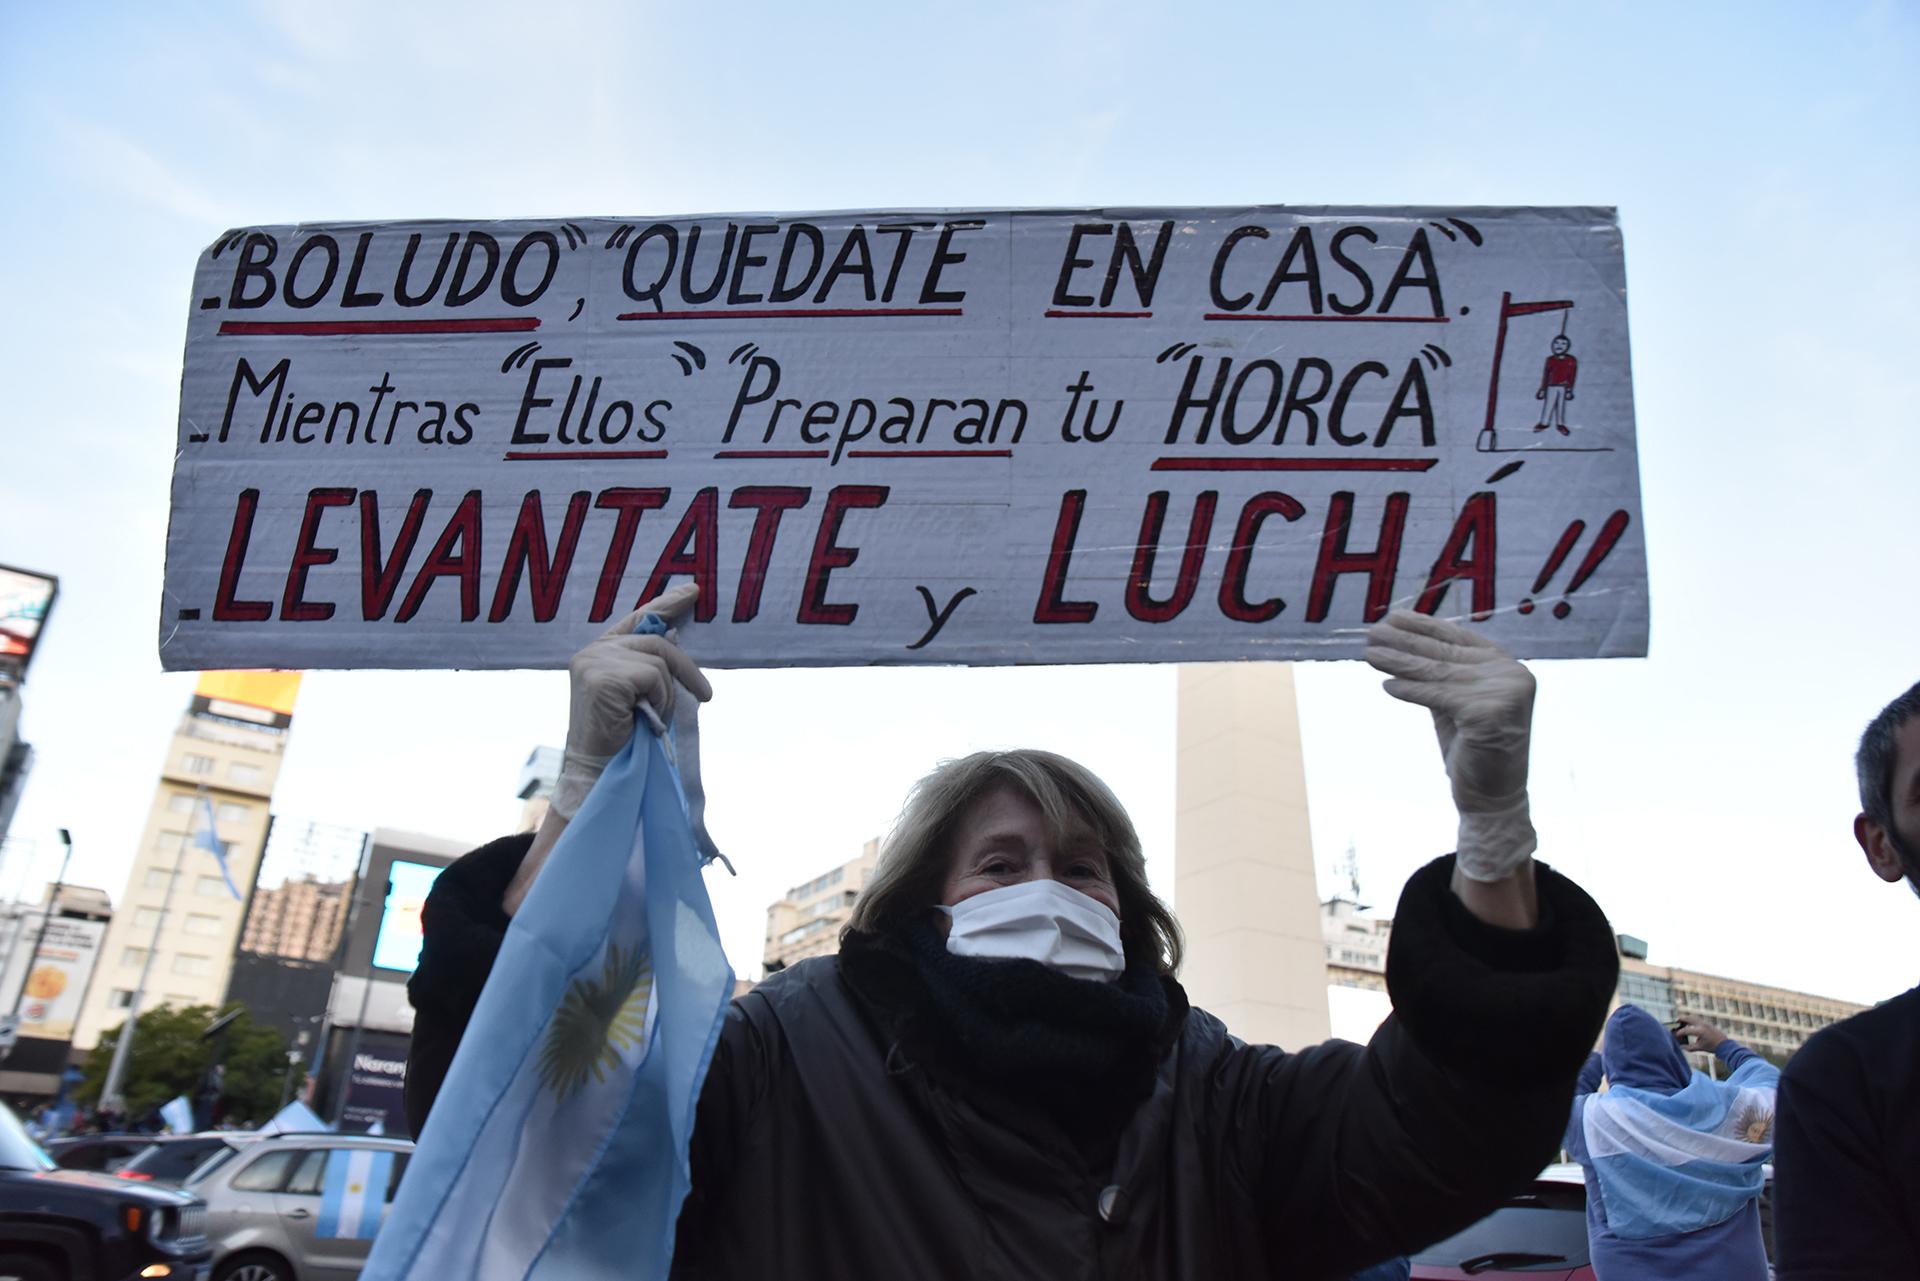 En la Ciudad de Buenos Aires muchos manifestantes llevaron pancartas con mensajes en contra del gobierno nacional